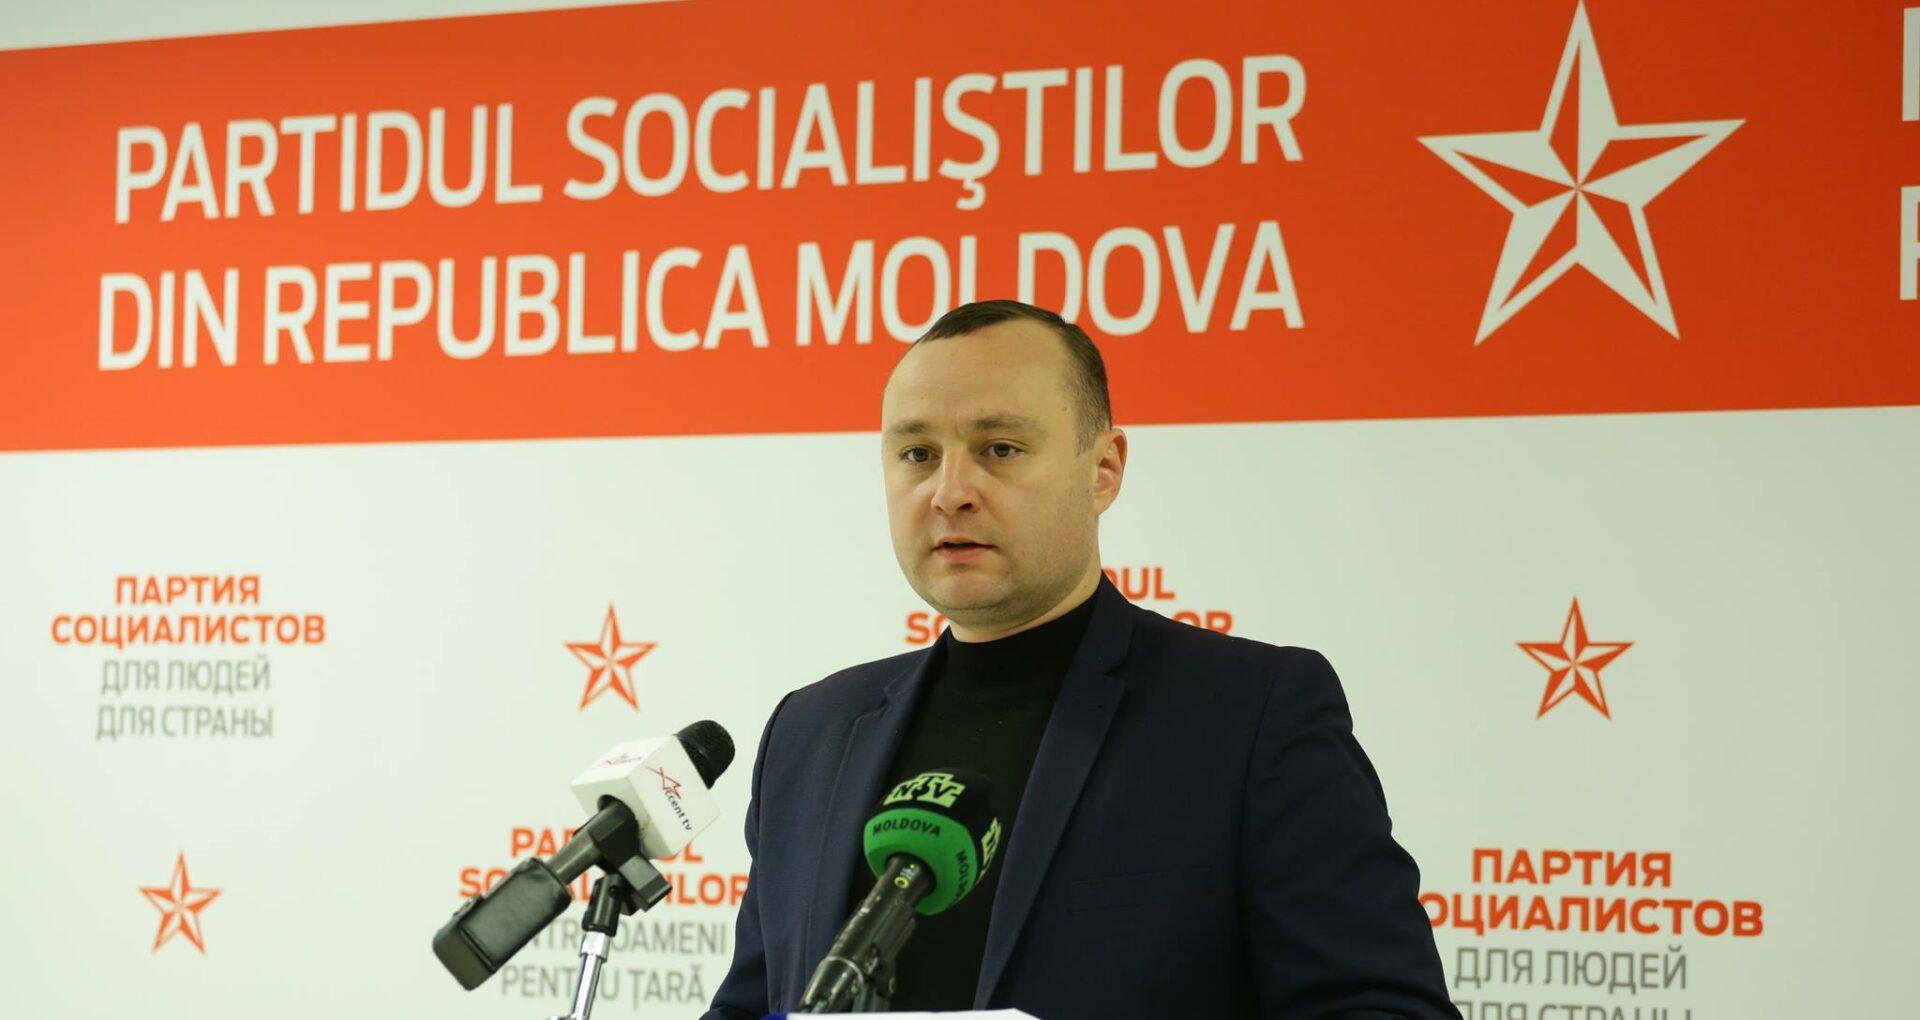 Șeful fracțiunii socialiștilor: Insistăm pe semnarea de urgență a acordului politic între PSRM și ACUM